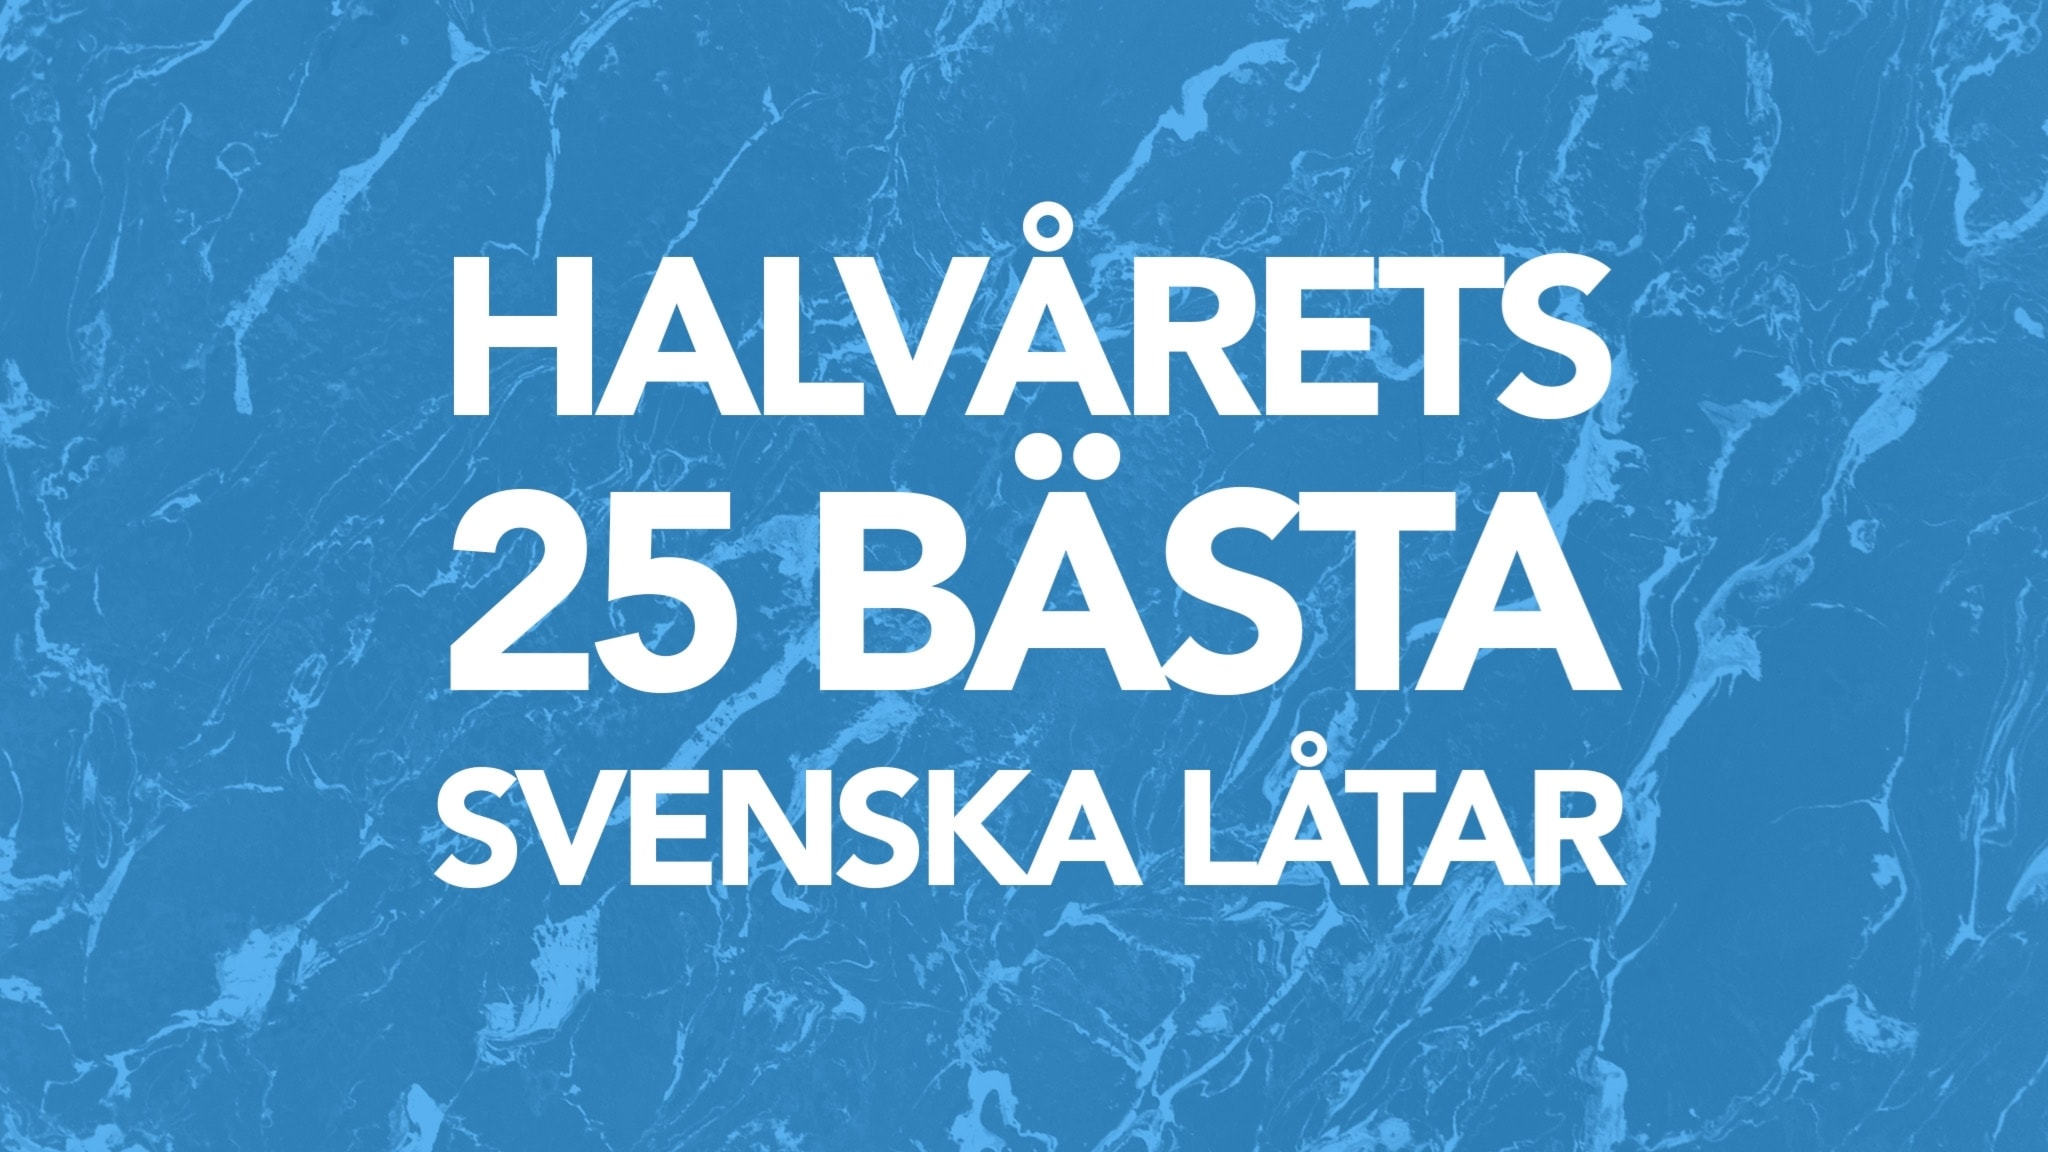 Halvårets 25 bästa svenska låtar